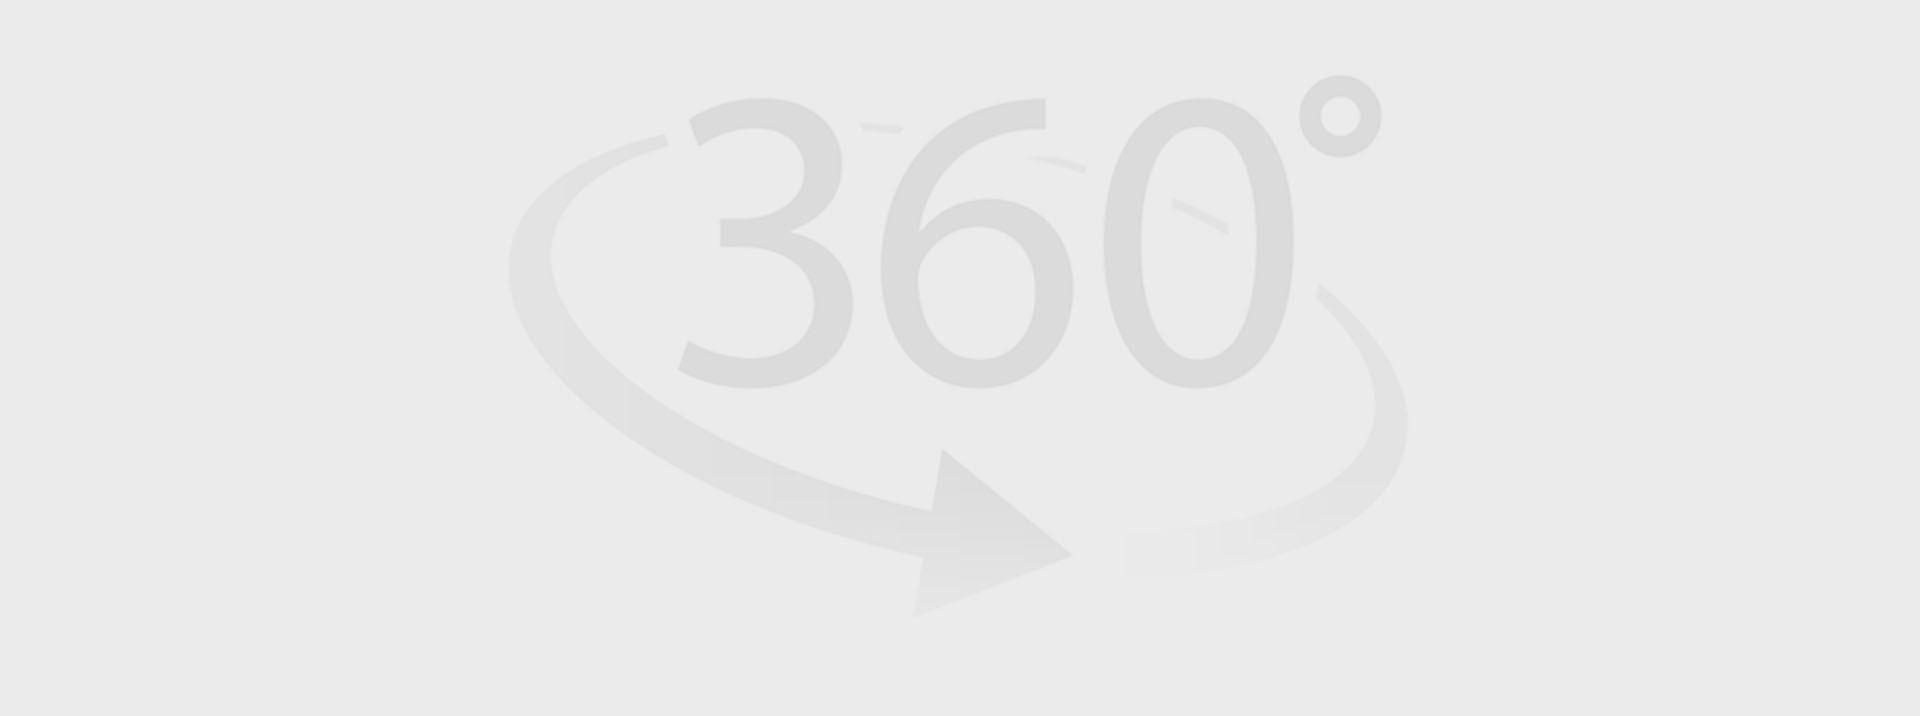 Customer magazine 360°